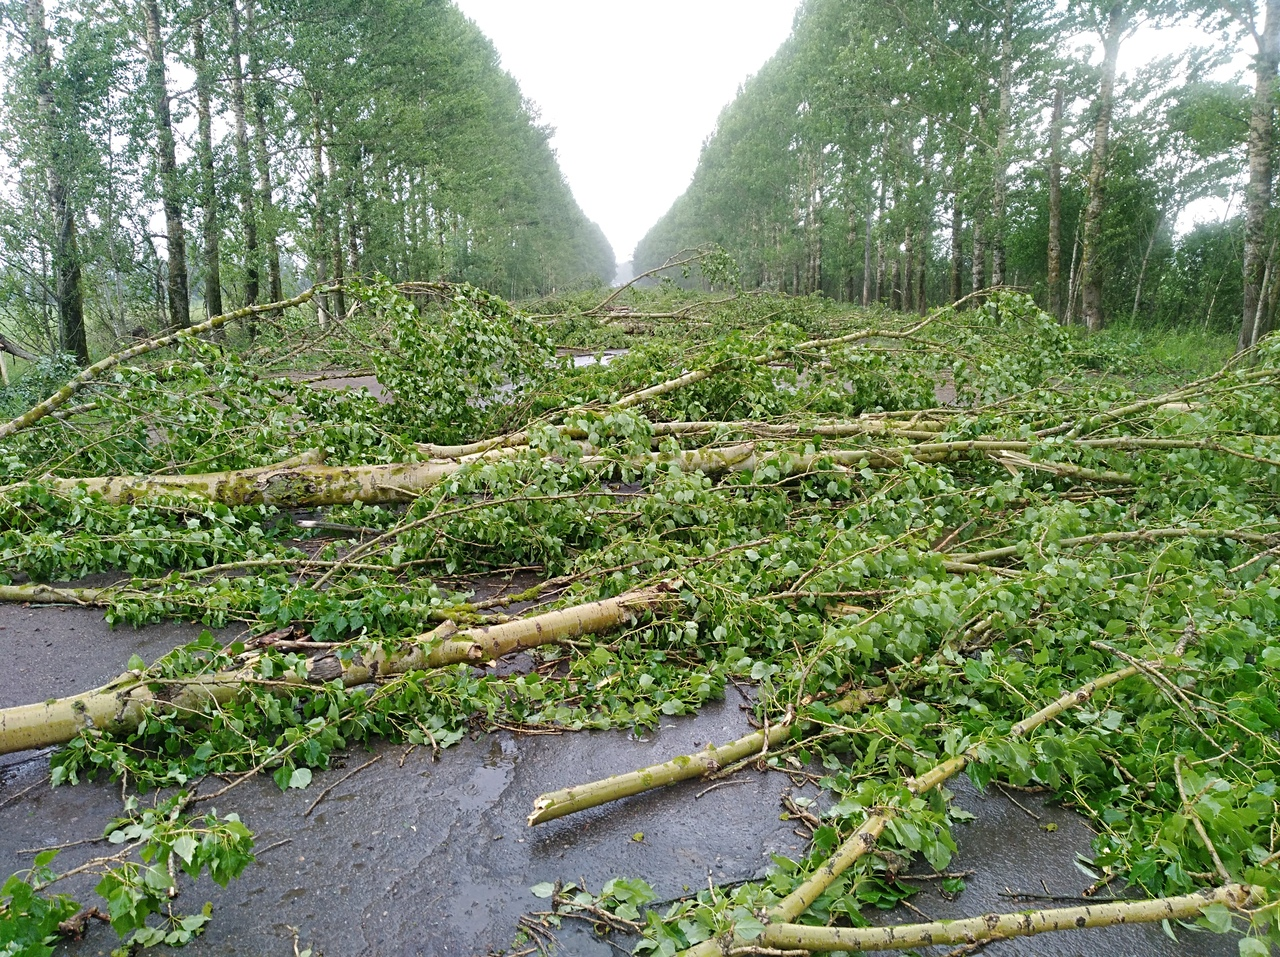 ФОТО: В Ярославской области ветром повалило деревья